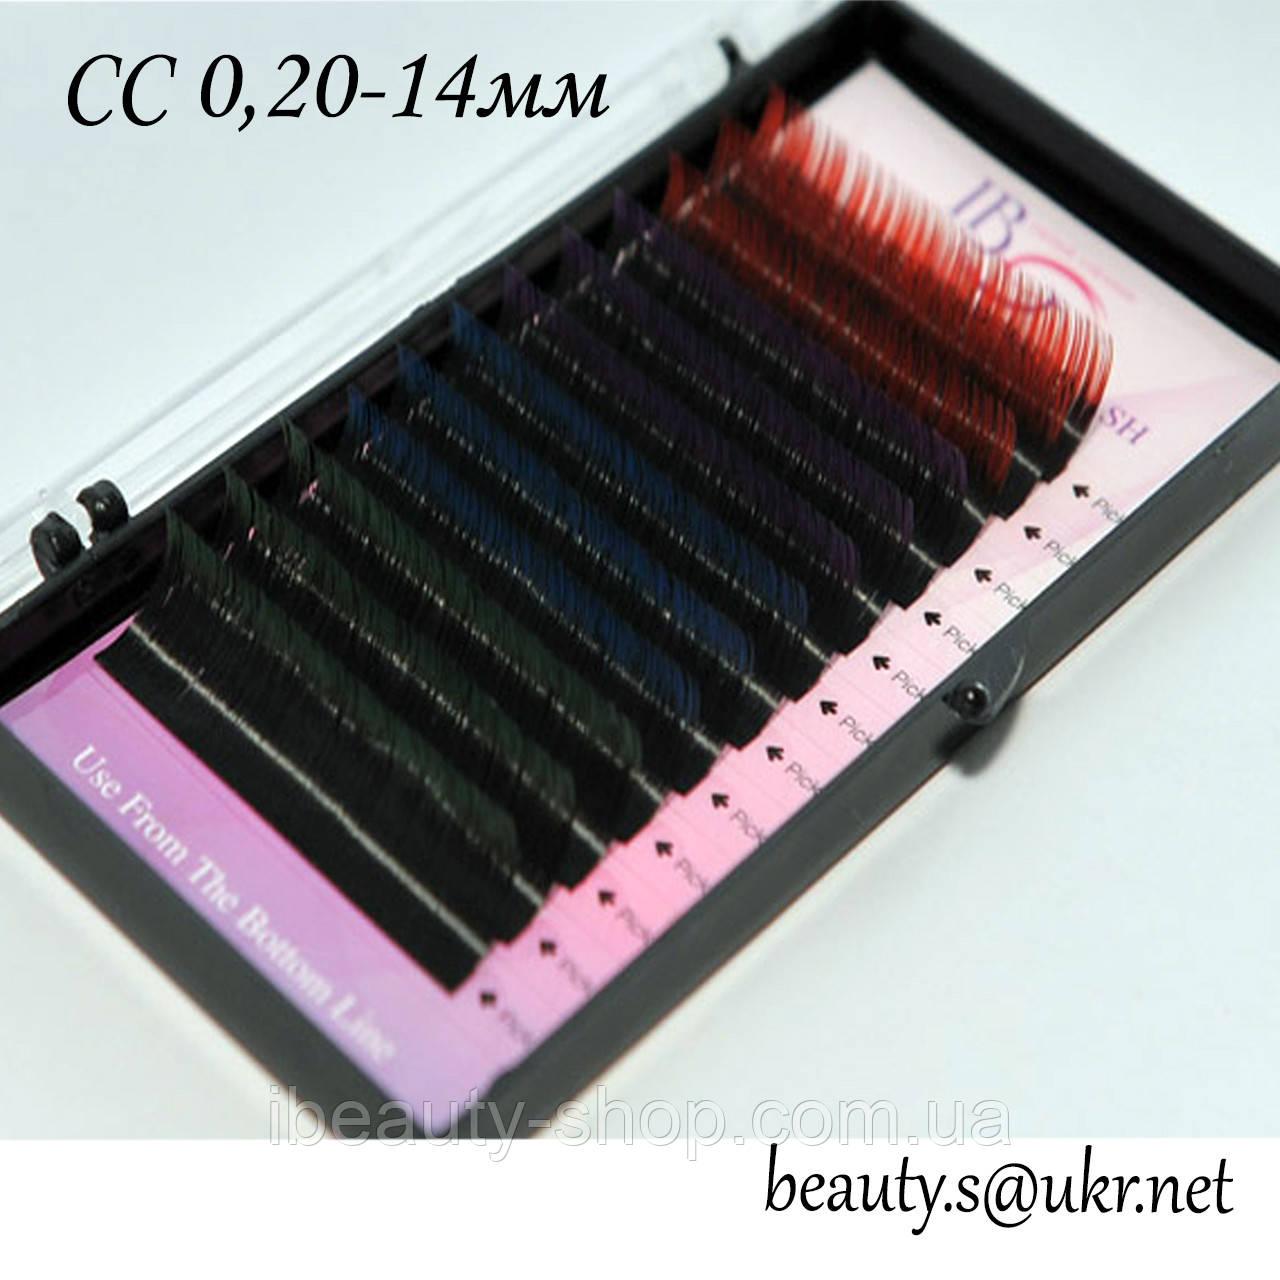 Ресницы I-Beauty, CC 0,20-14мм,цветные концы,4 цвета